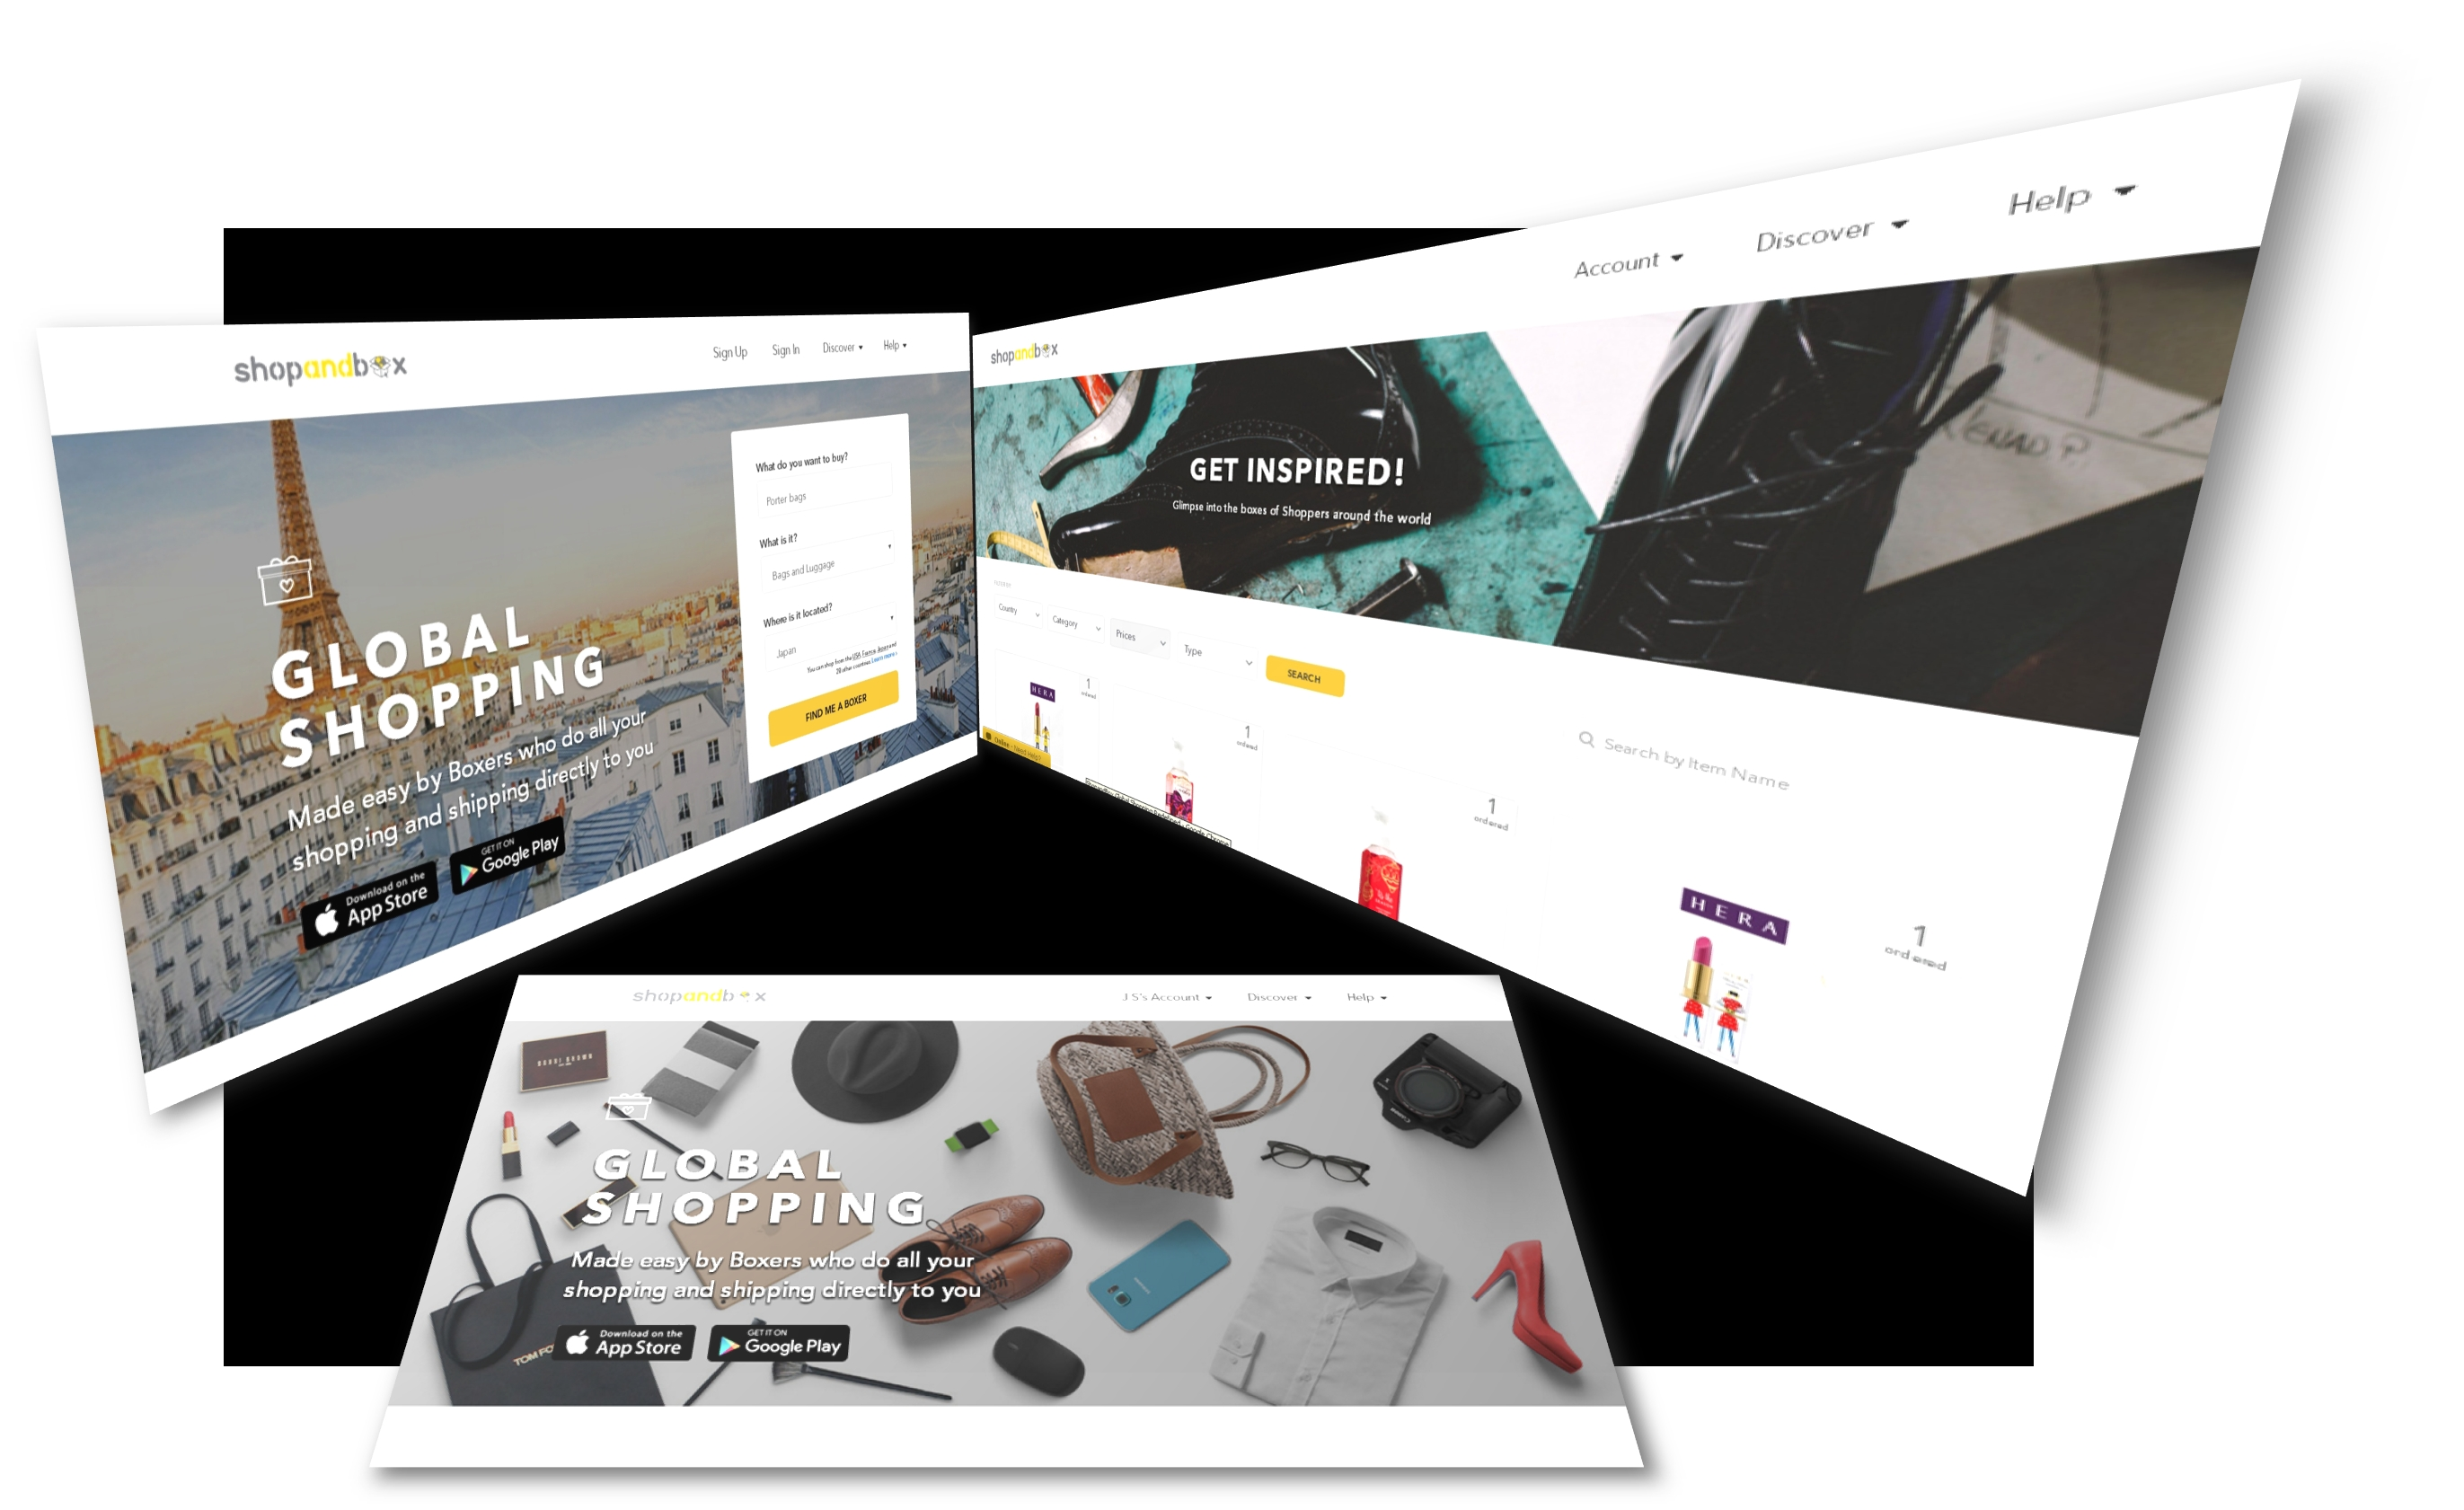 shopandbox-pages